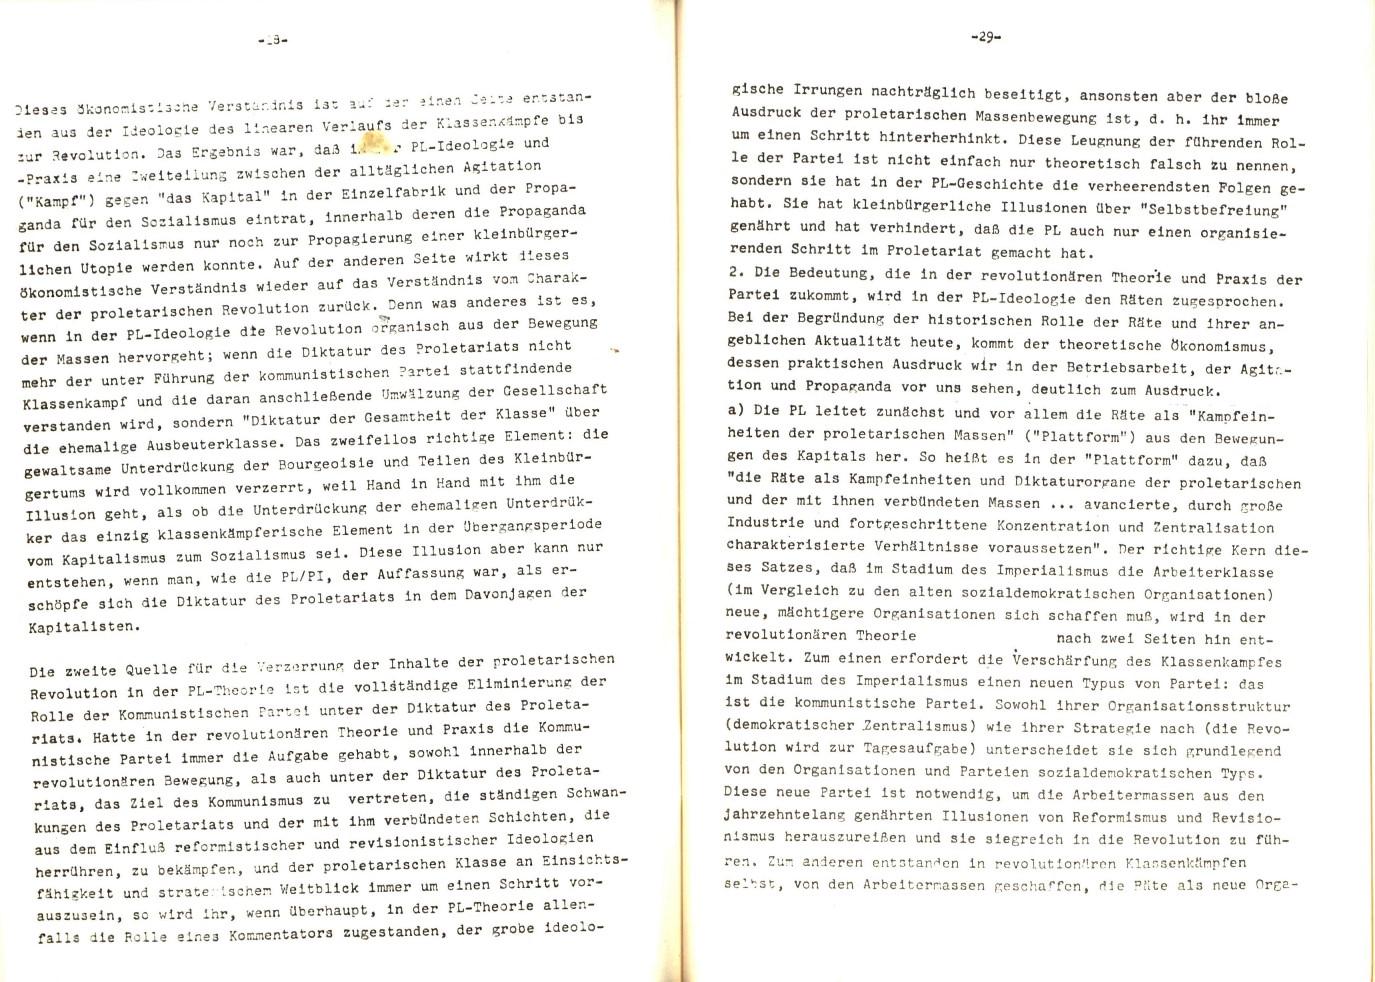 PLPI_1971_Aufloesung_17